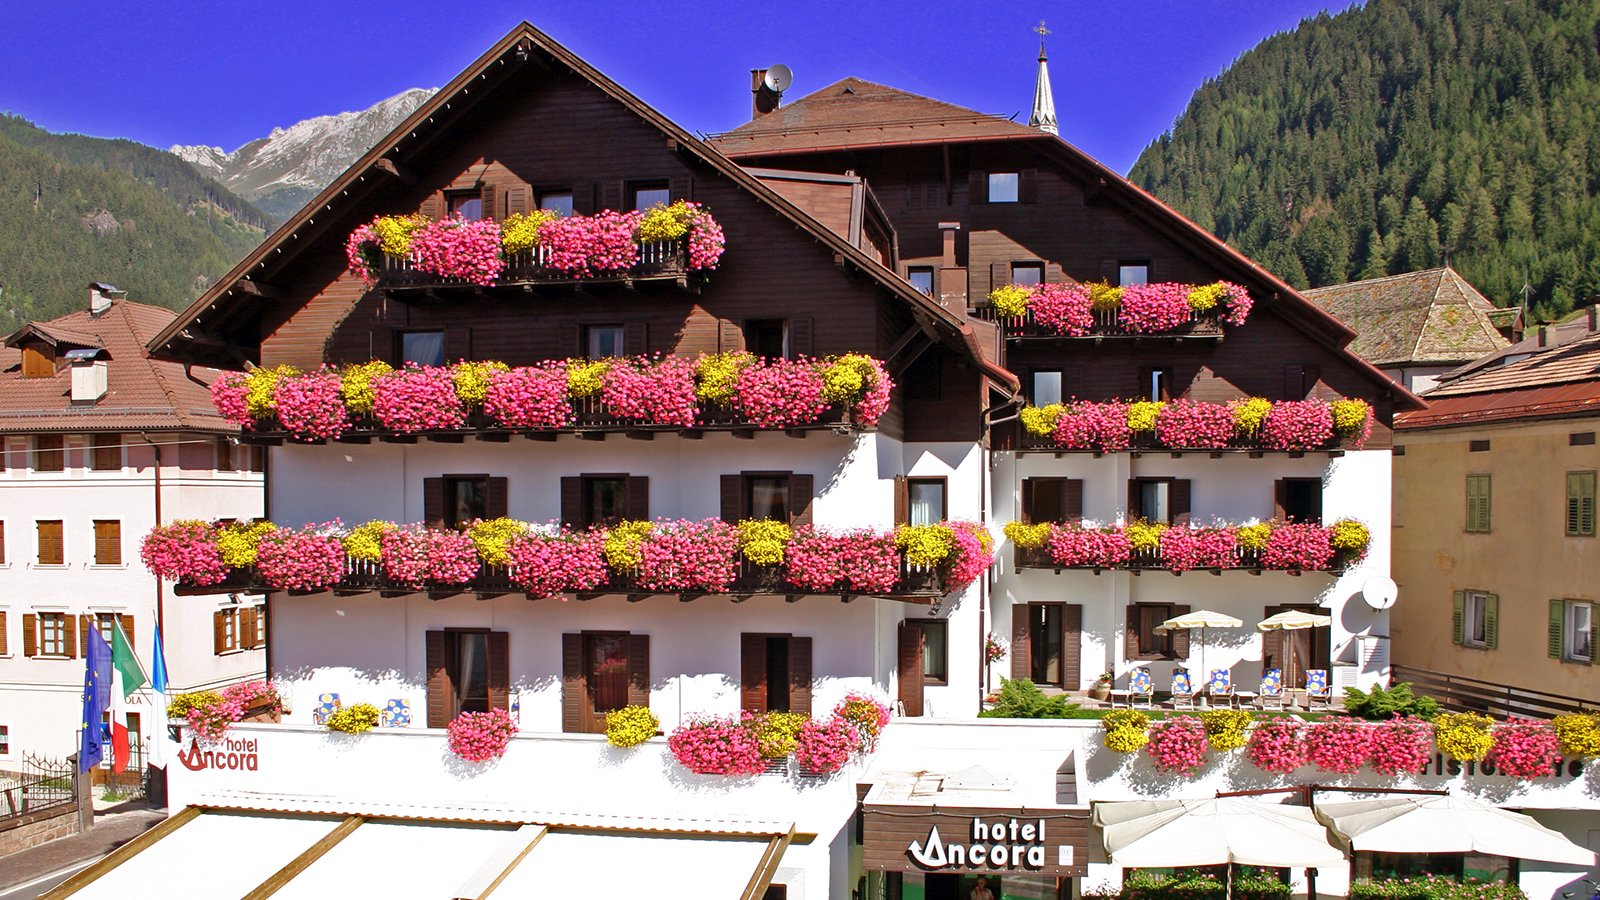 Hotel ancora a predazzo accoglienza dal 1880 for Ancora hotel